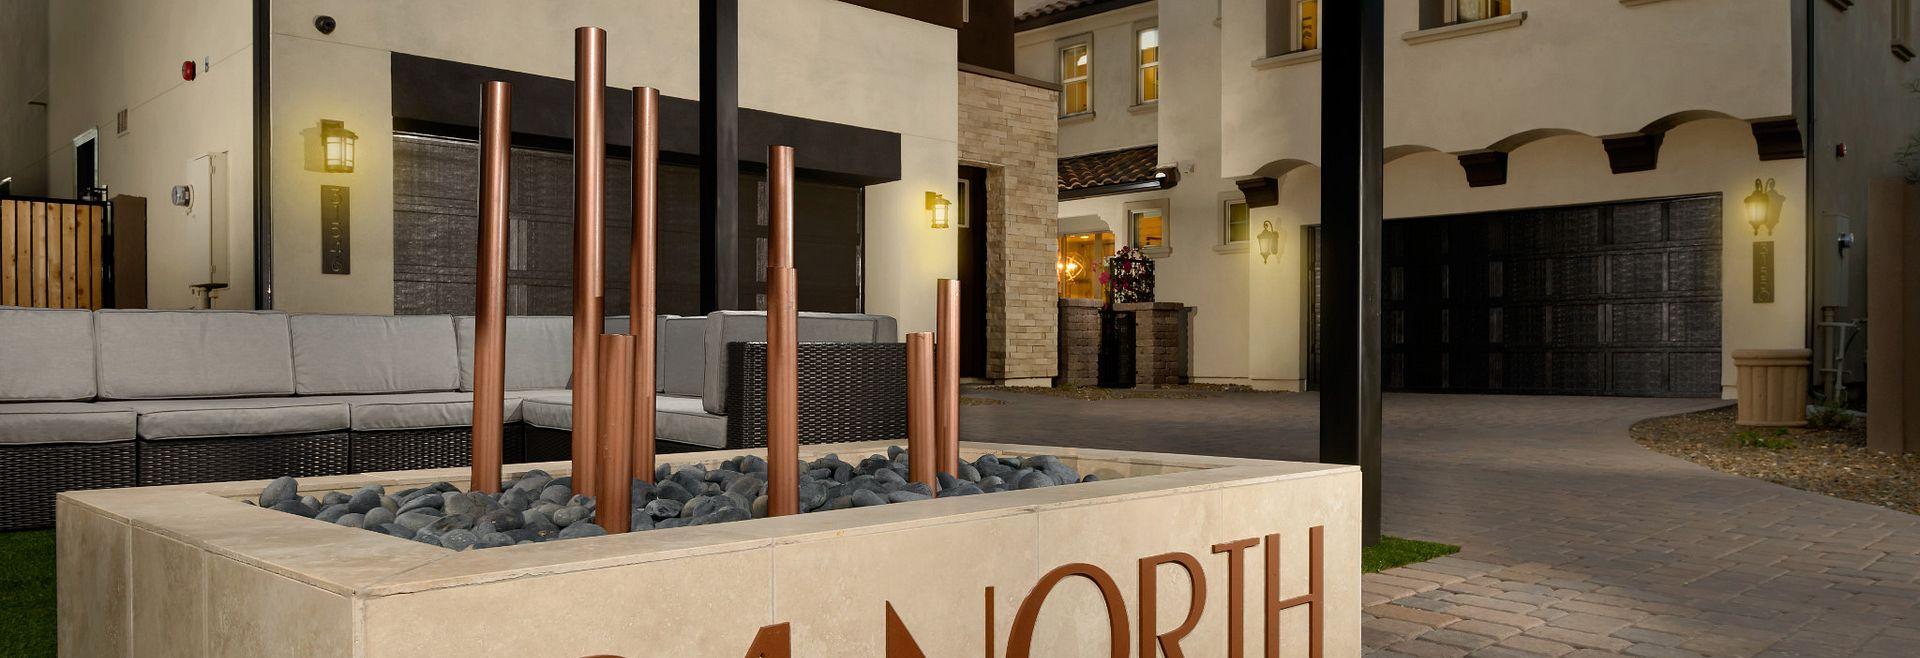 24 North Community